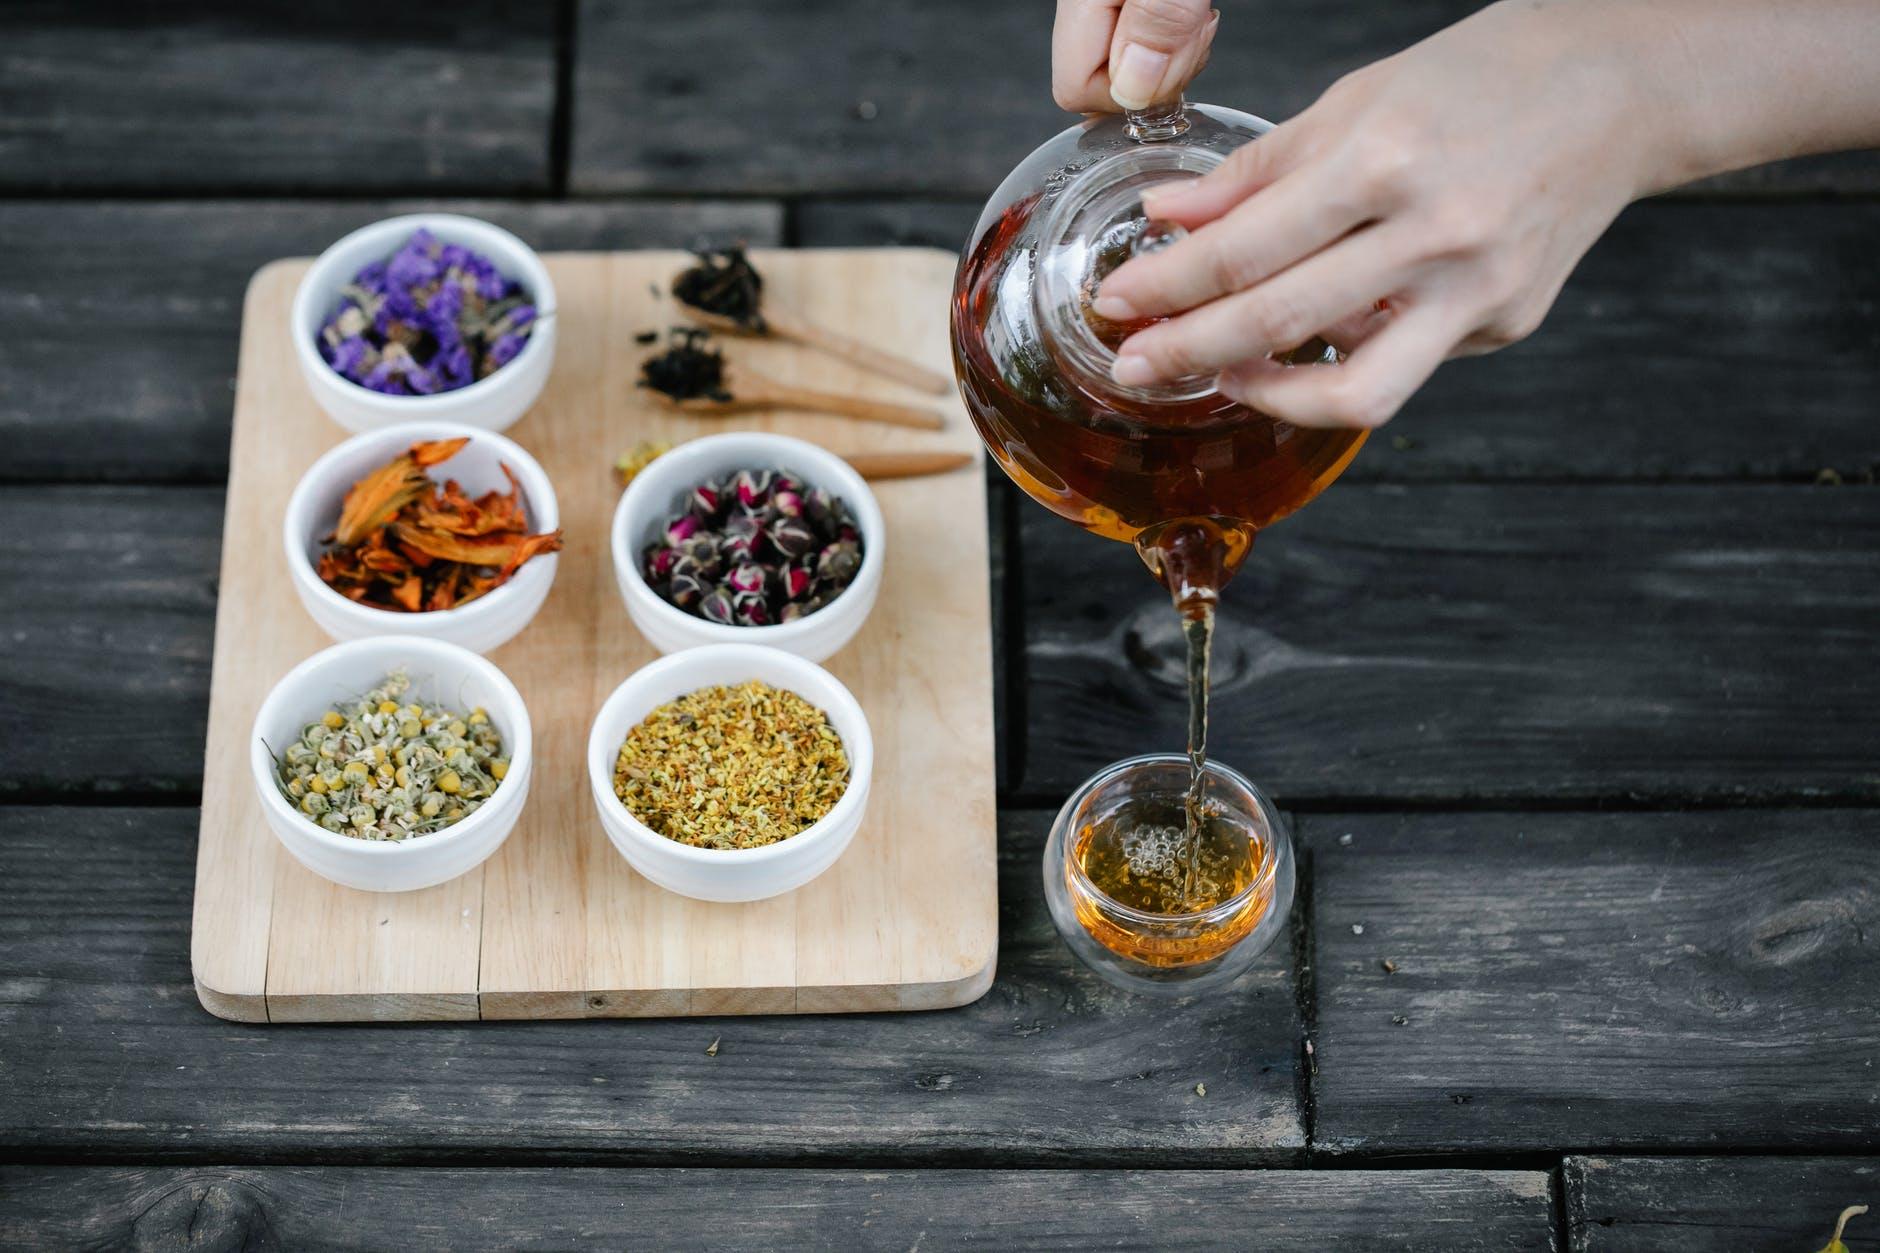 7 motive pentru care merită să bei ceai verde. Oferă beneficii considerabile pentru sănătate